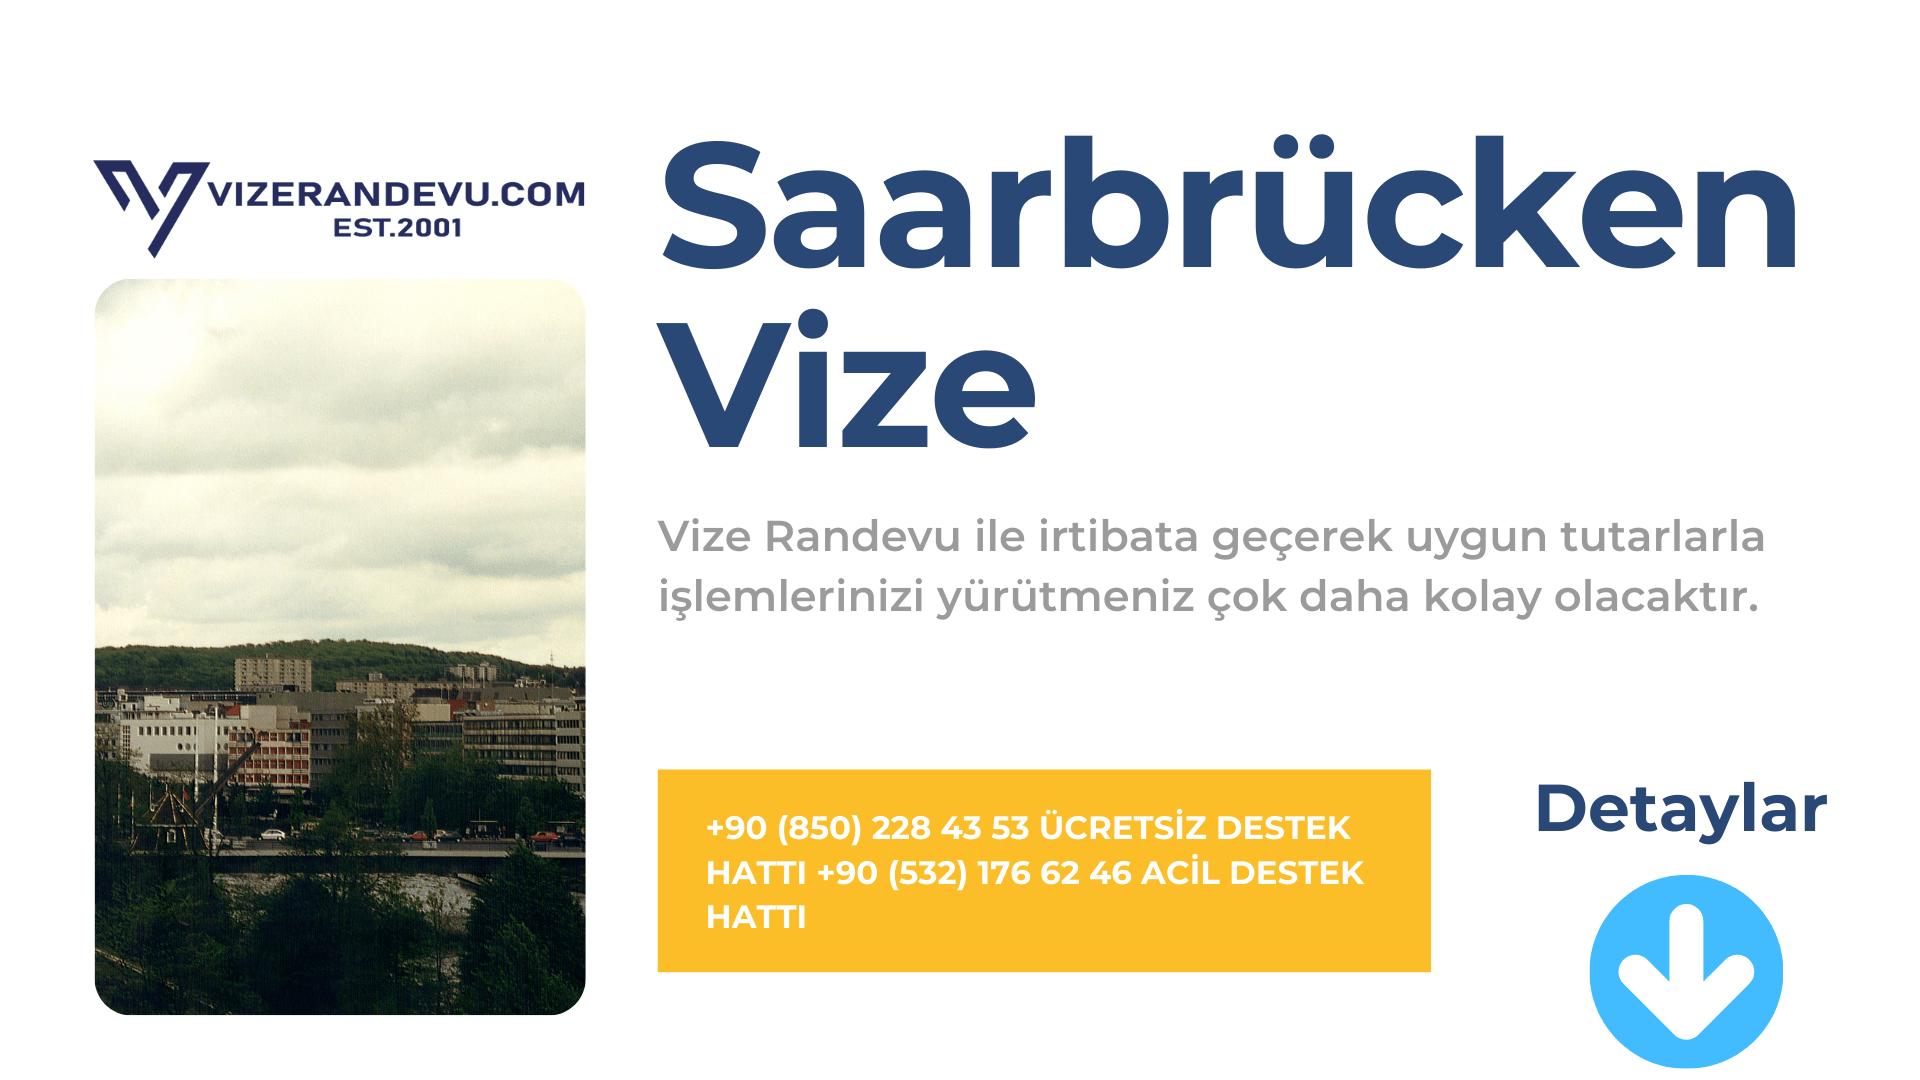 Almanya Saarbrücken Vize Başvurusu